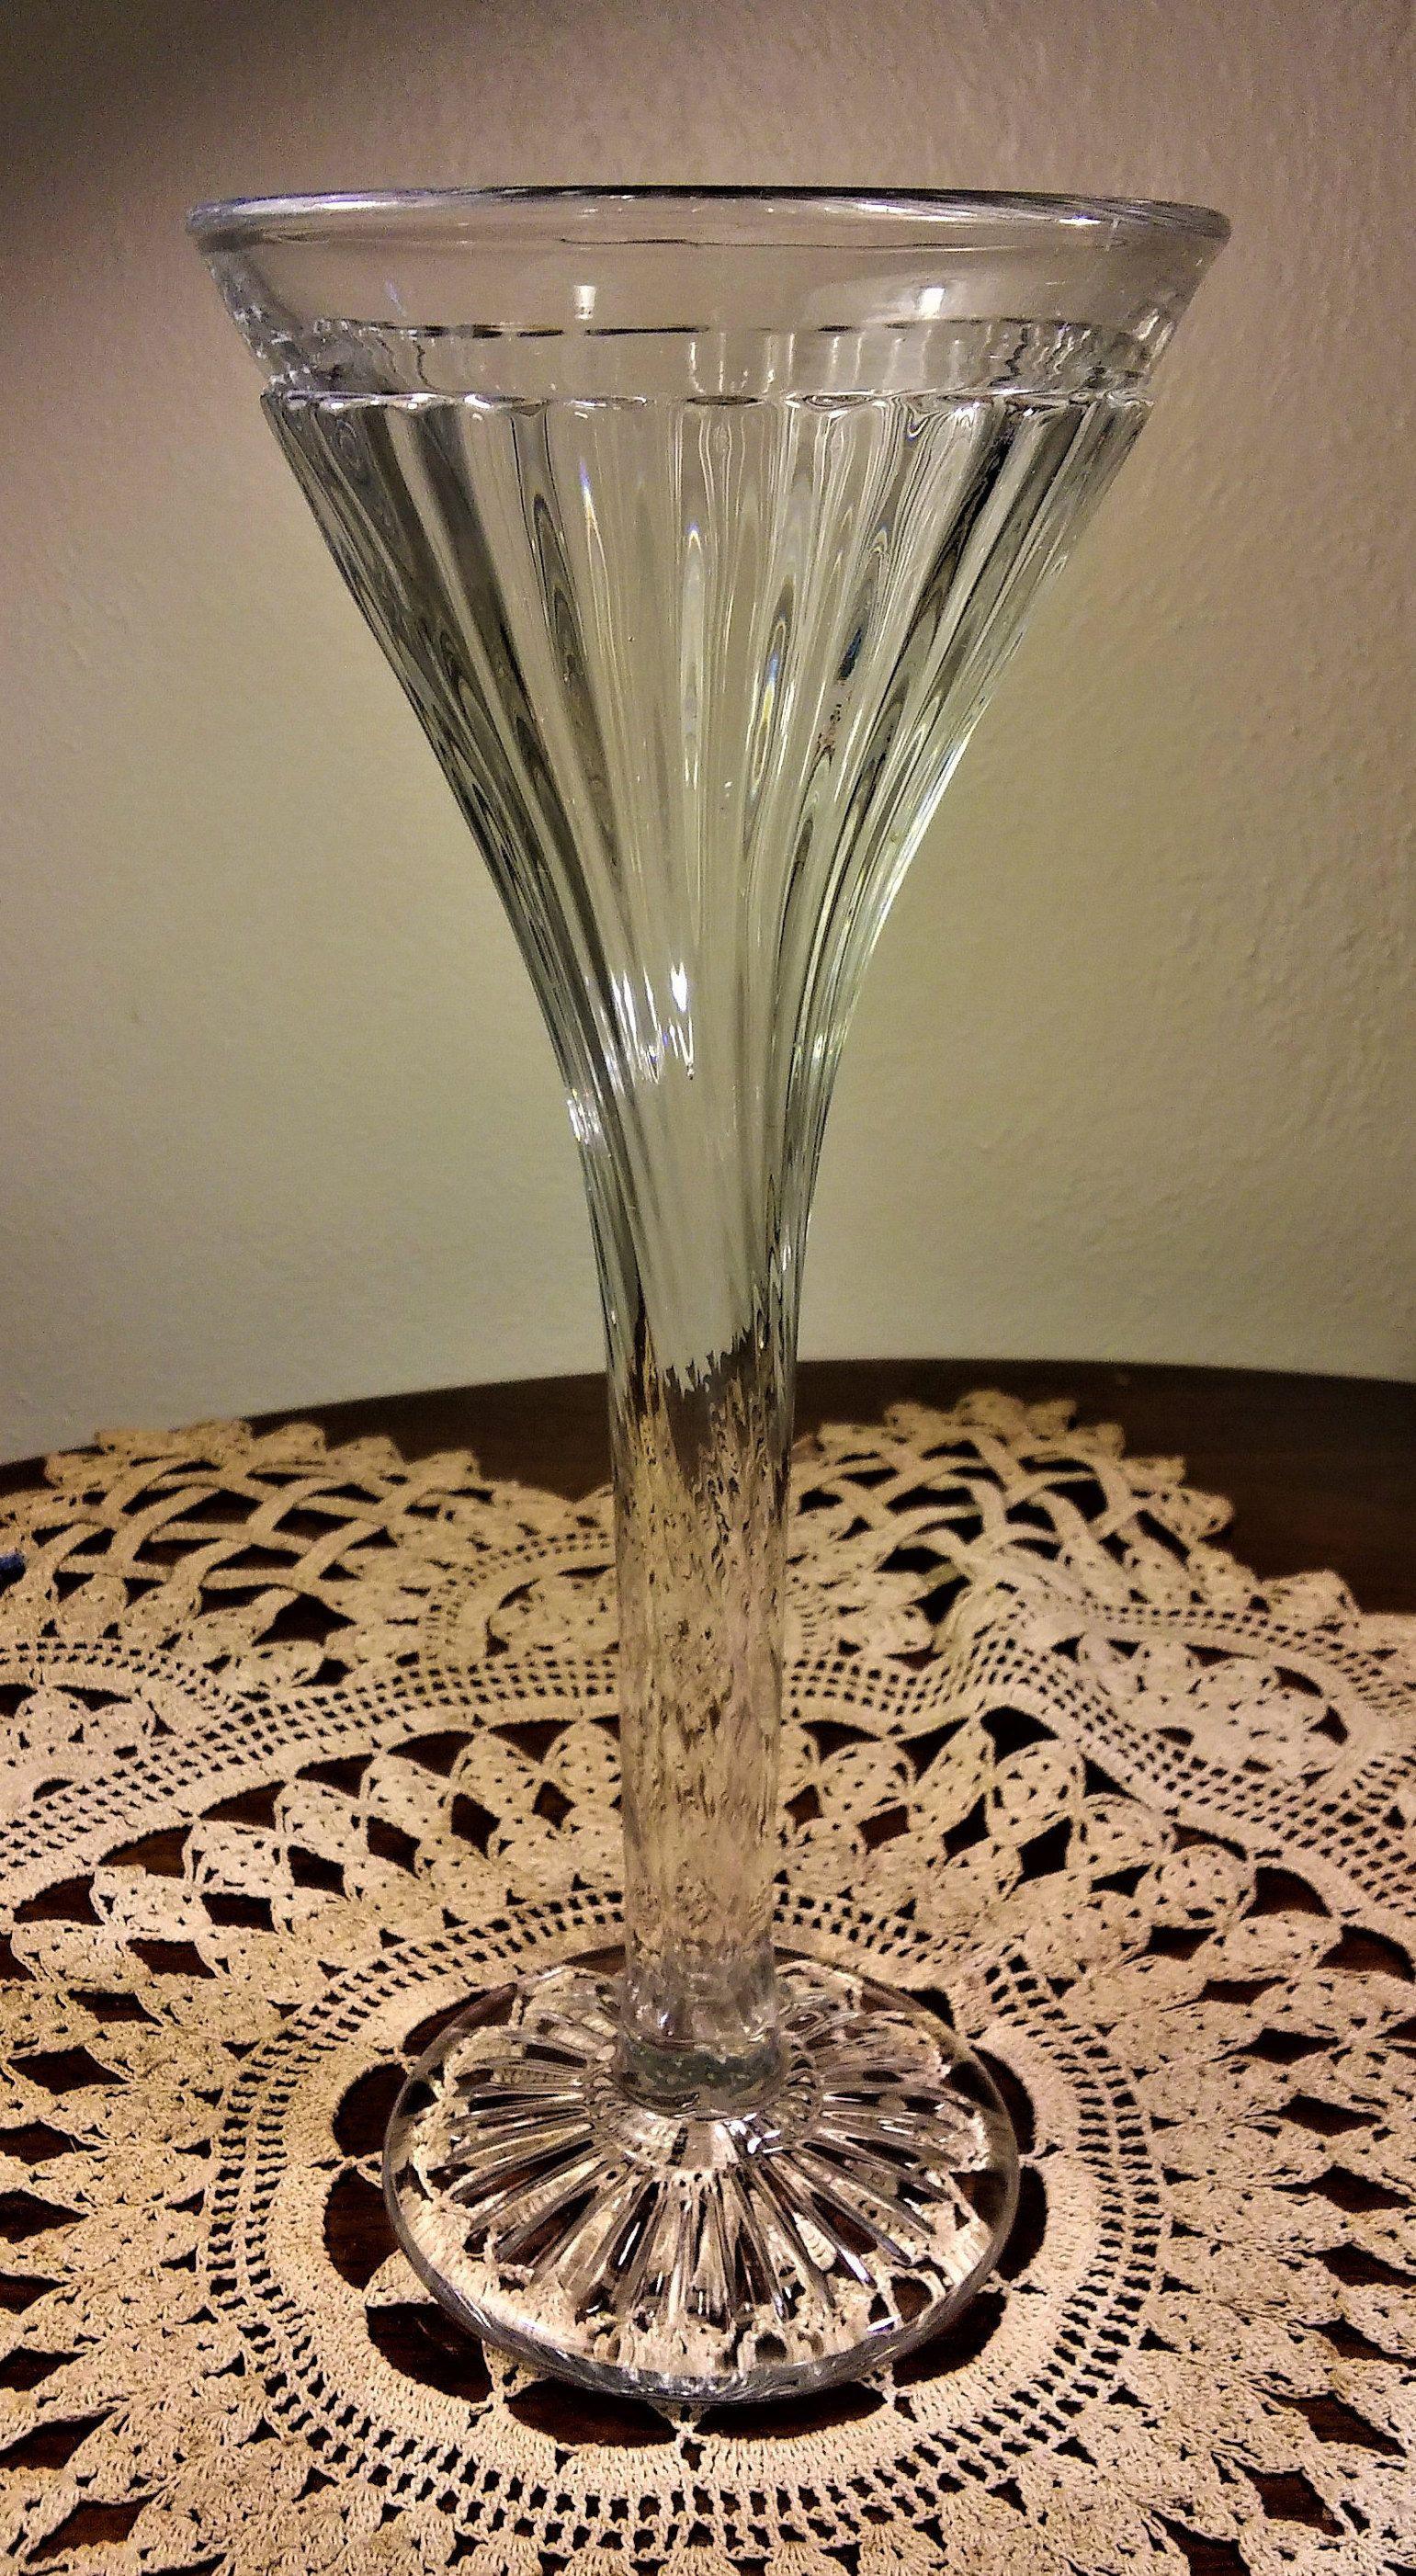 tiffany vases vintage of glass trumpet vase photos vintage clear pressed glass trumpet vase for glass trumpet vase photos vintage clear pressed glass trumpet vase